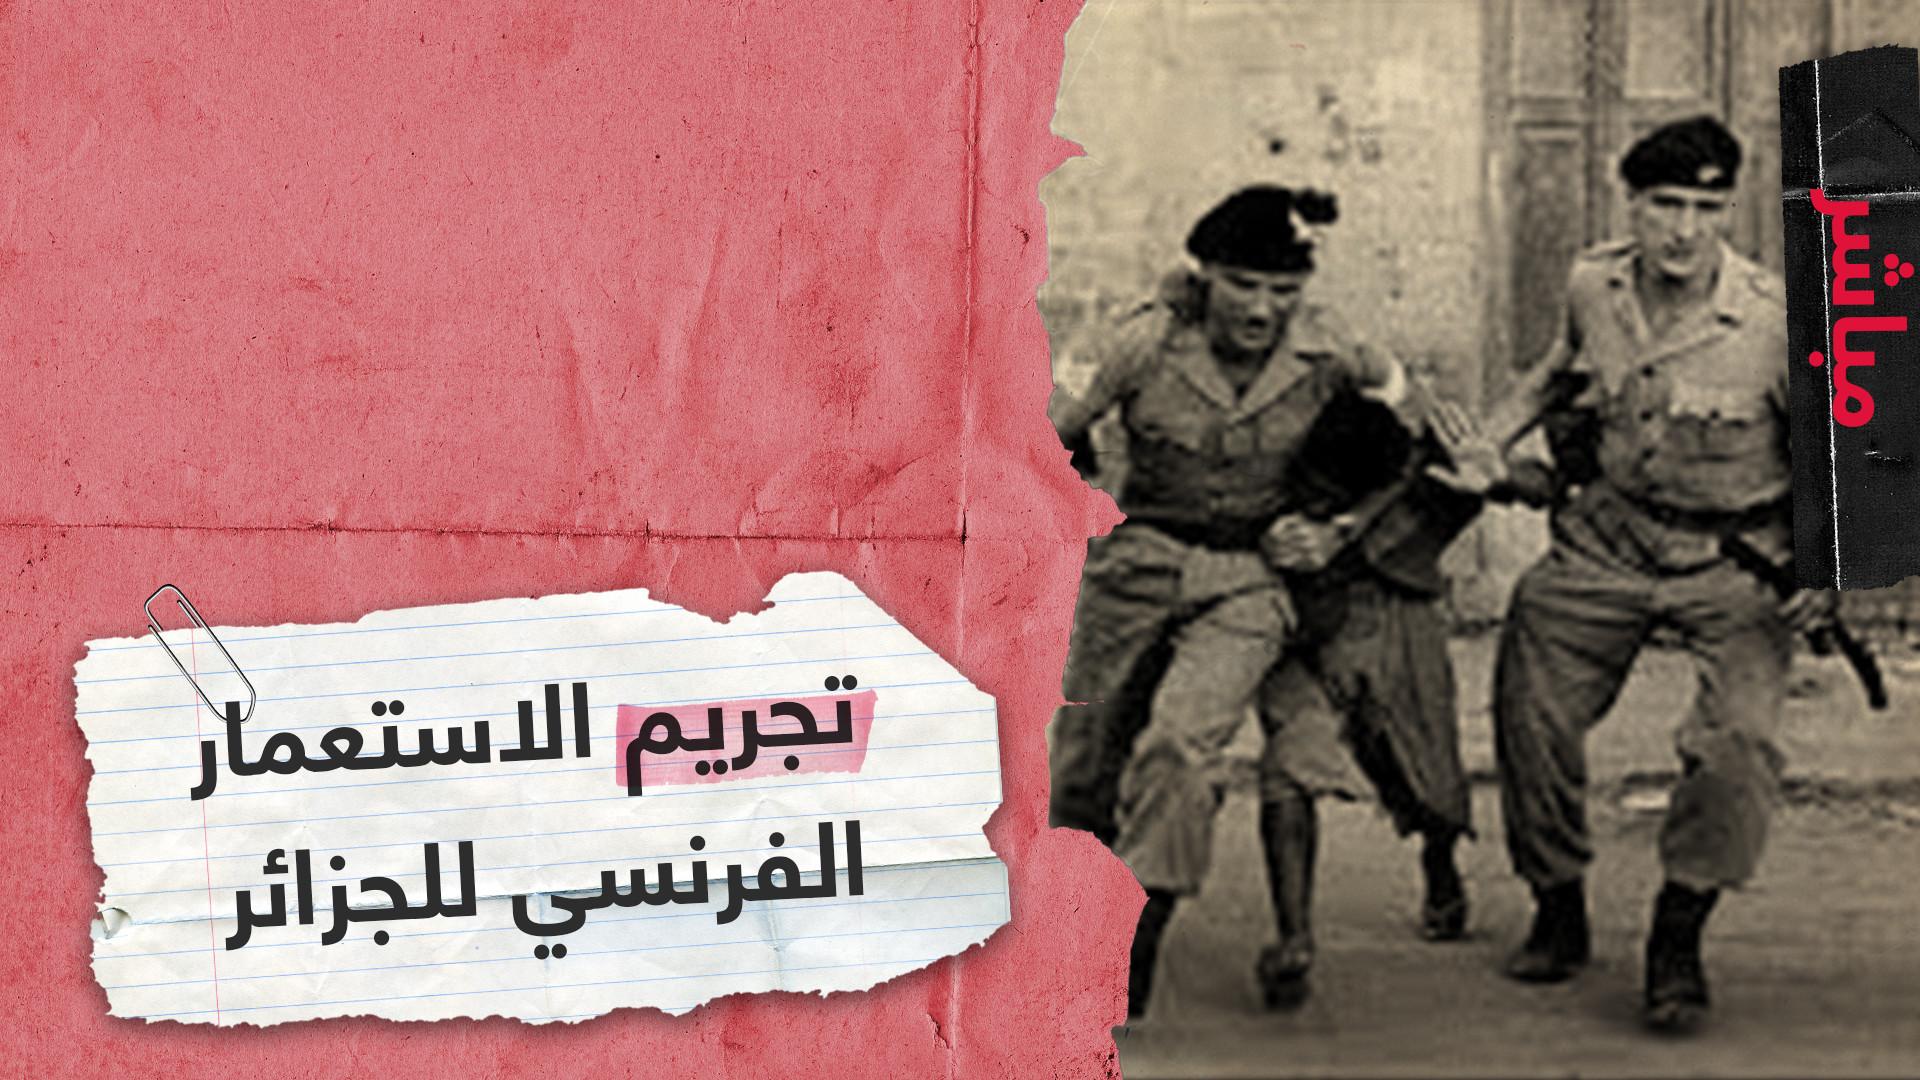 تجريم الاستعمار الفرنسي للجزائر.. ملف شائك إلى الواجهة مجددا